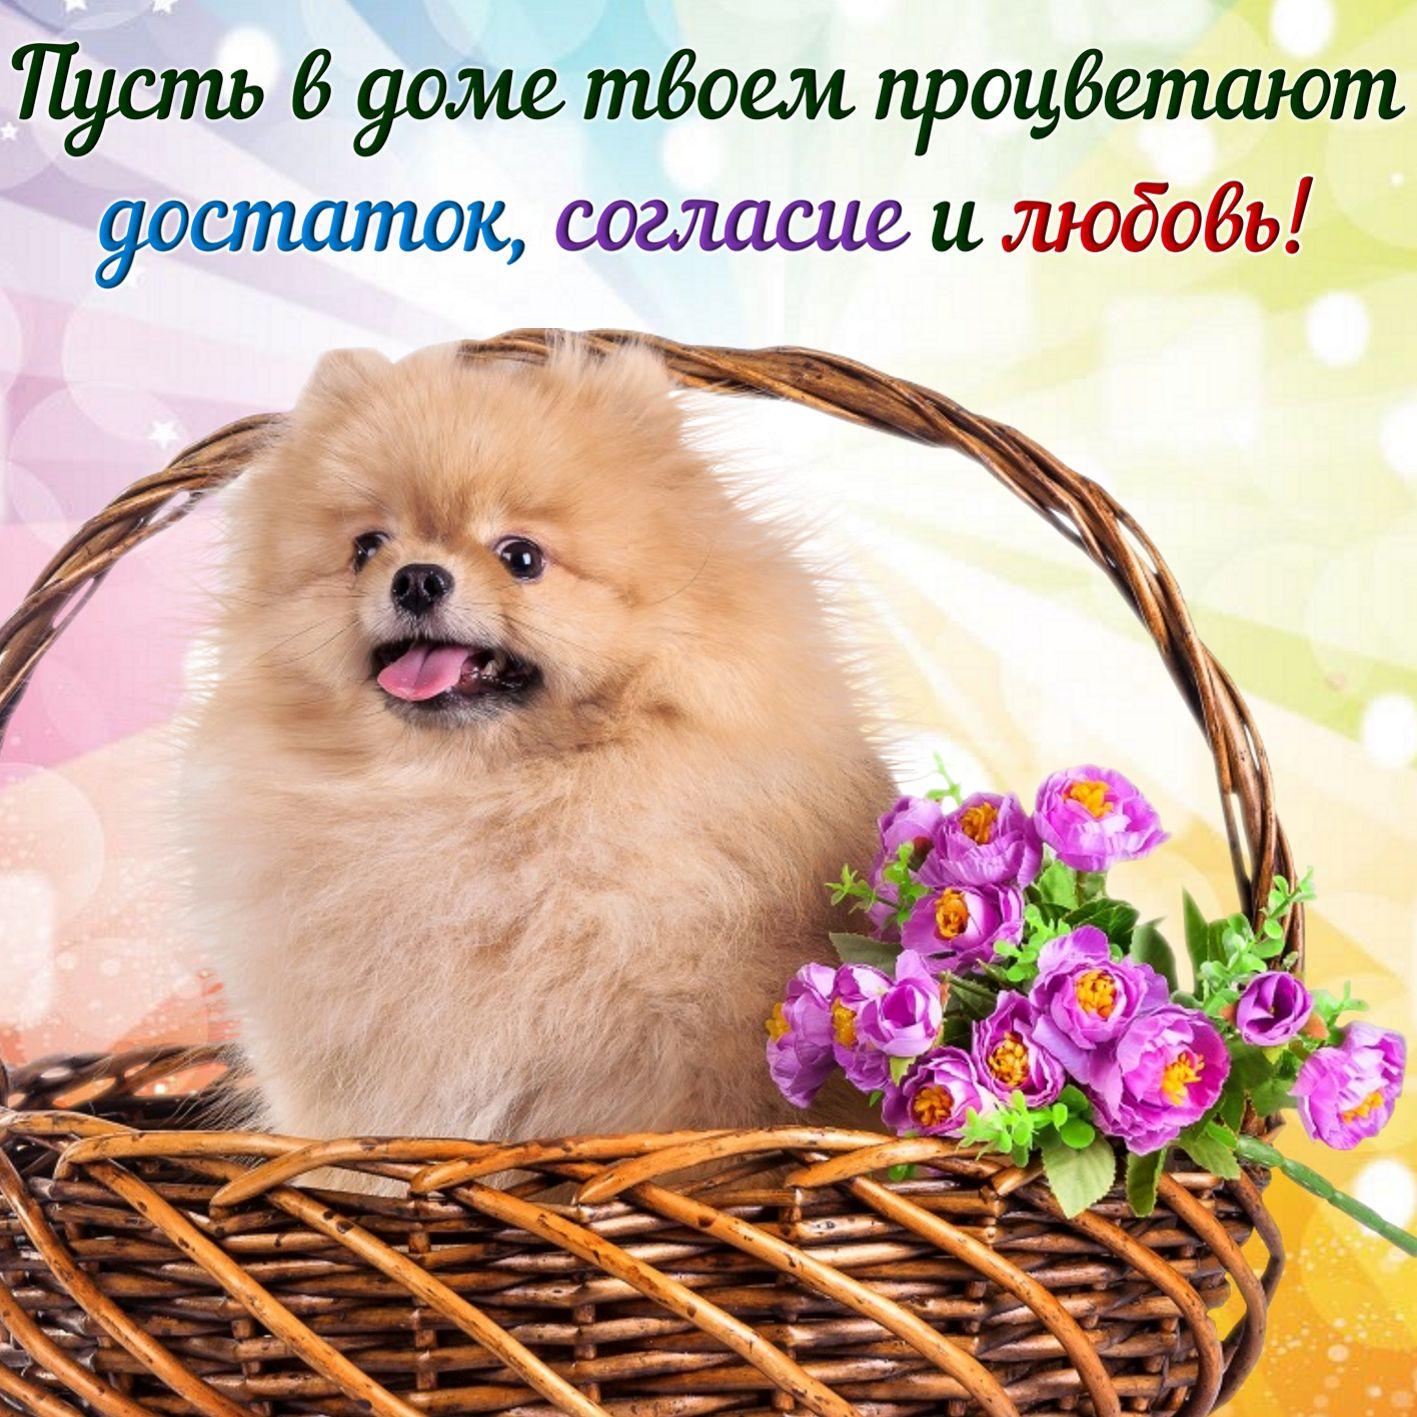 Открытка с пожеланием - пушистая собачка в корзине с цветами